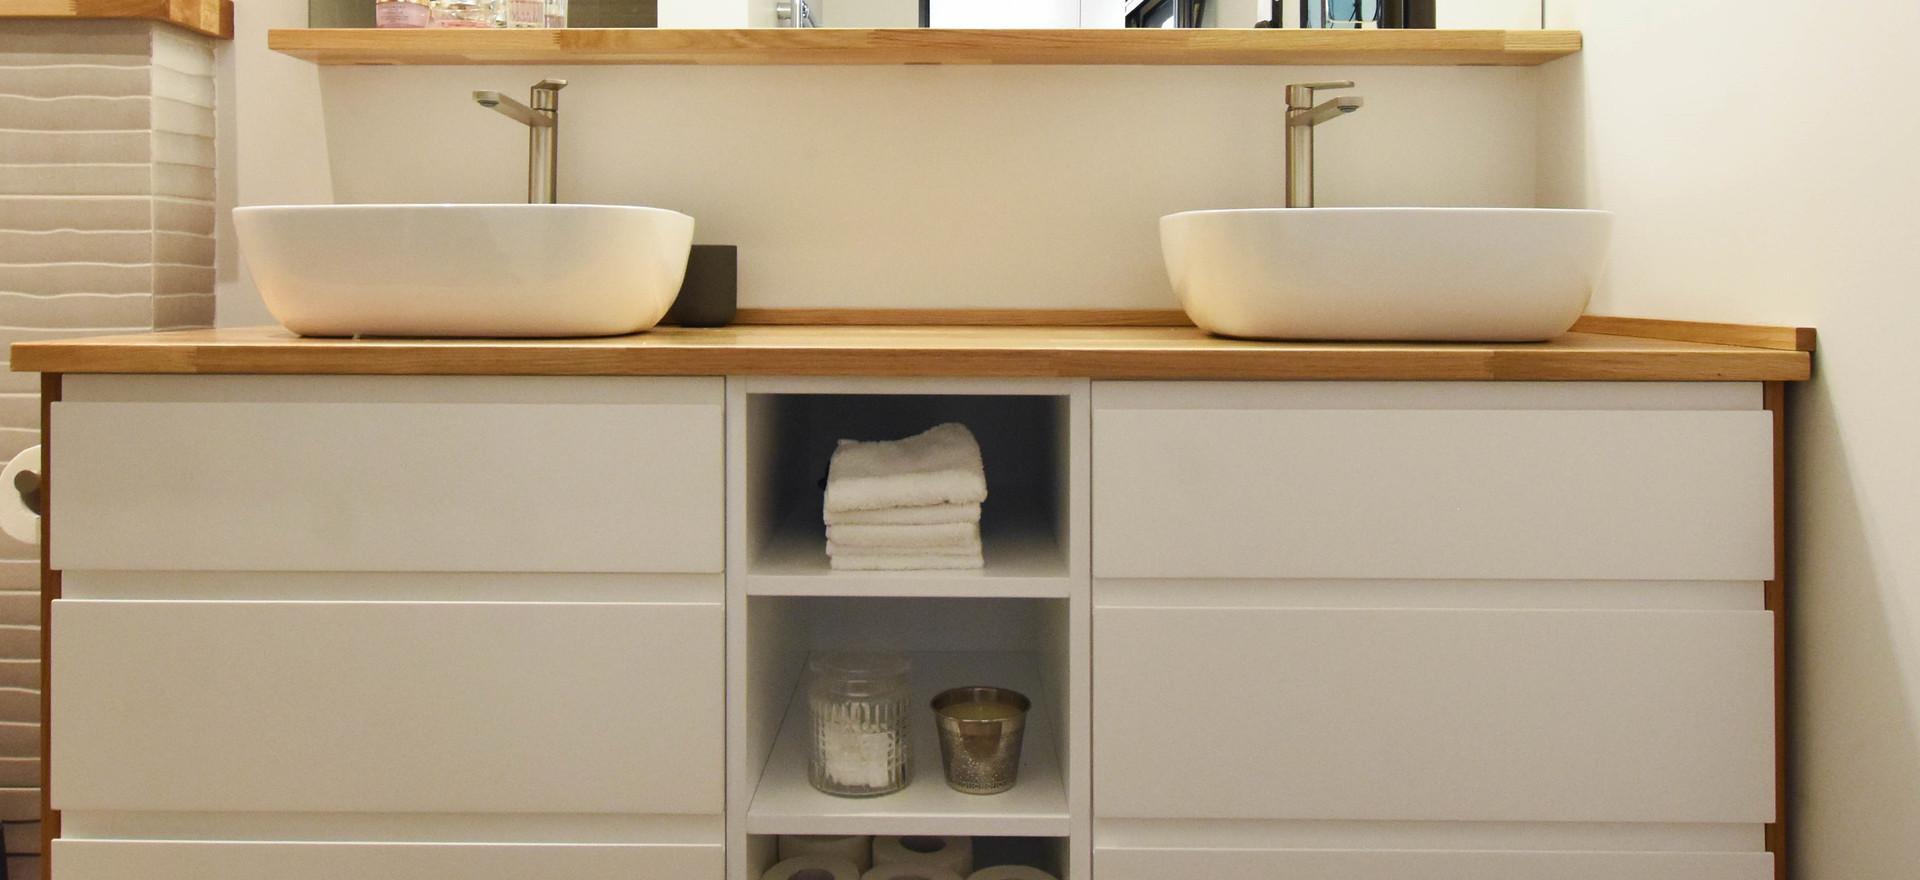 ארונית אמבטיה לבנה חתוך.jpg